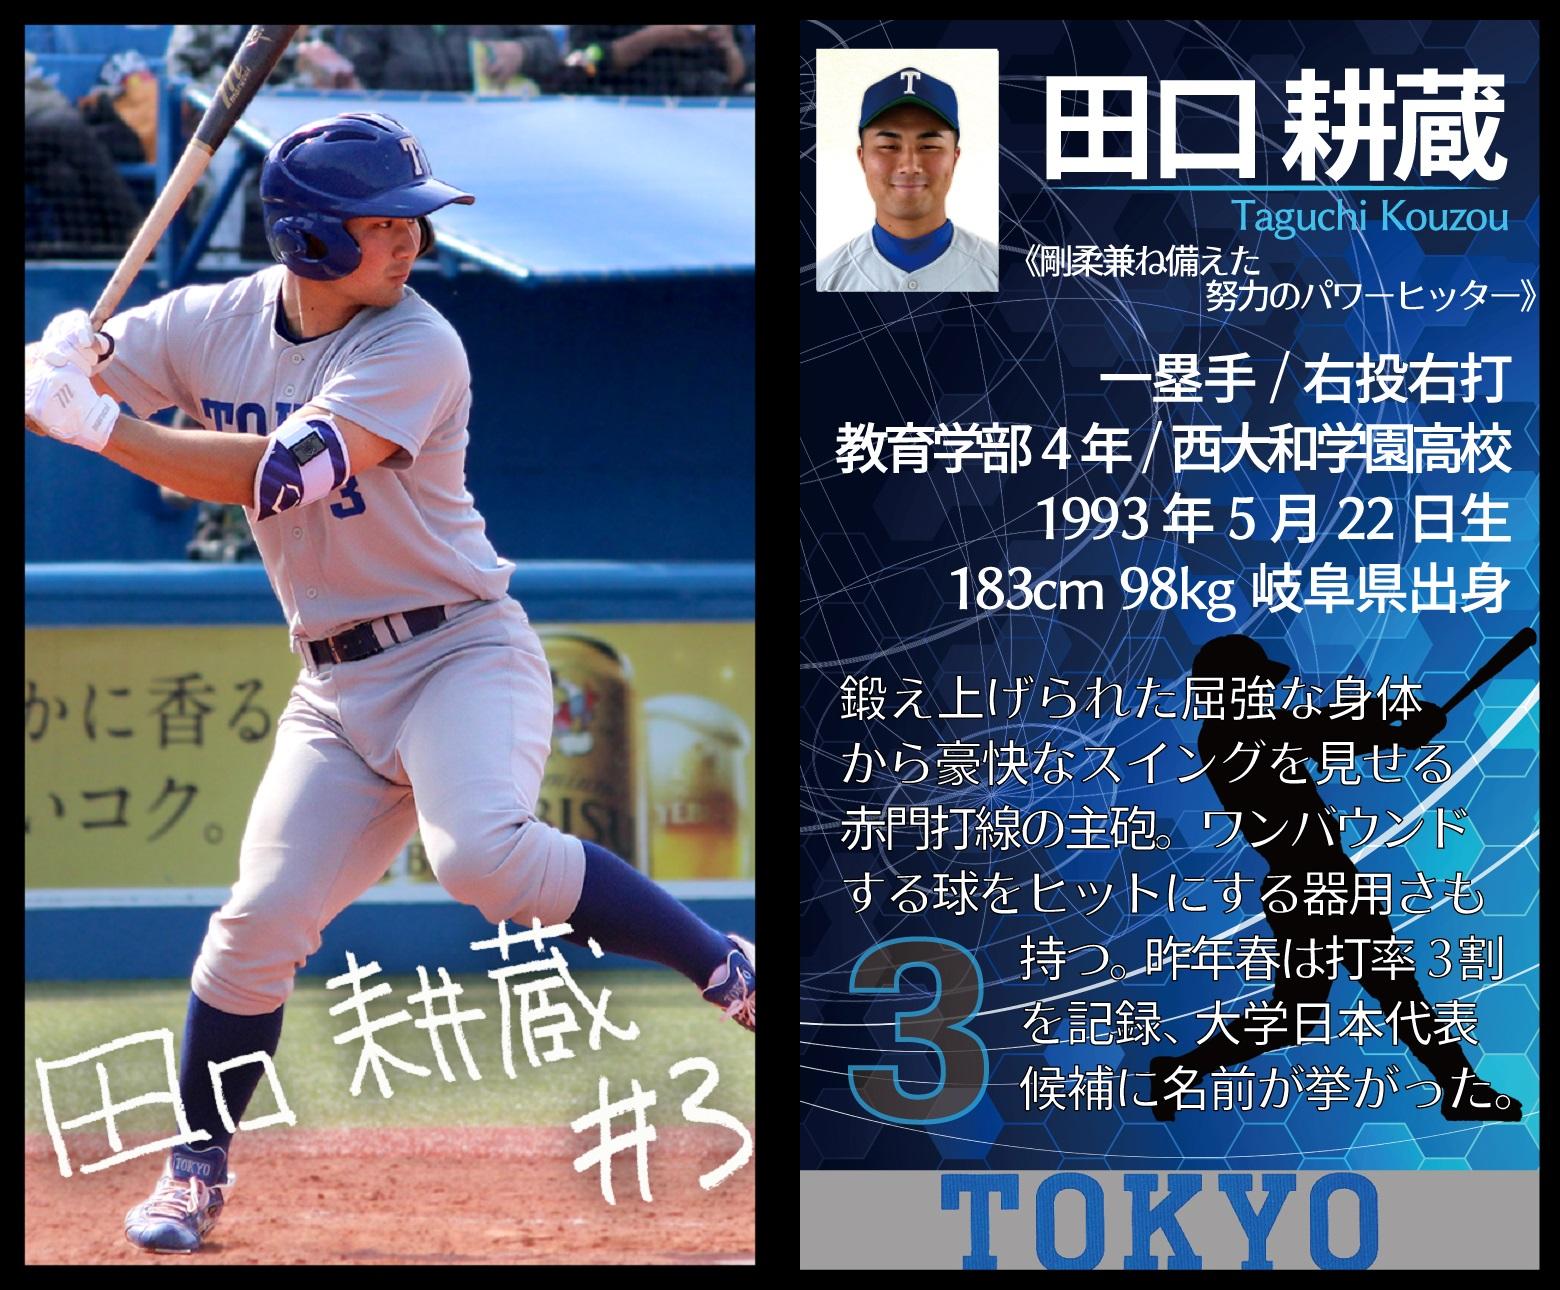 野球部03田口ブロマイド